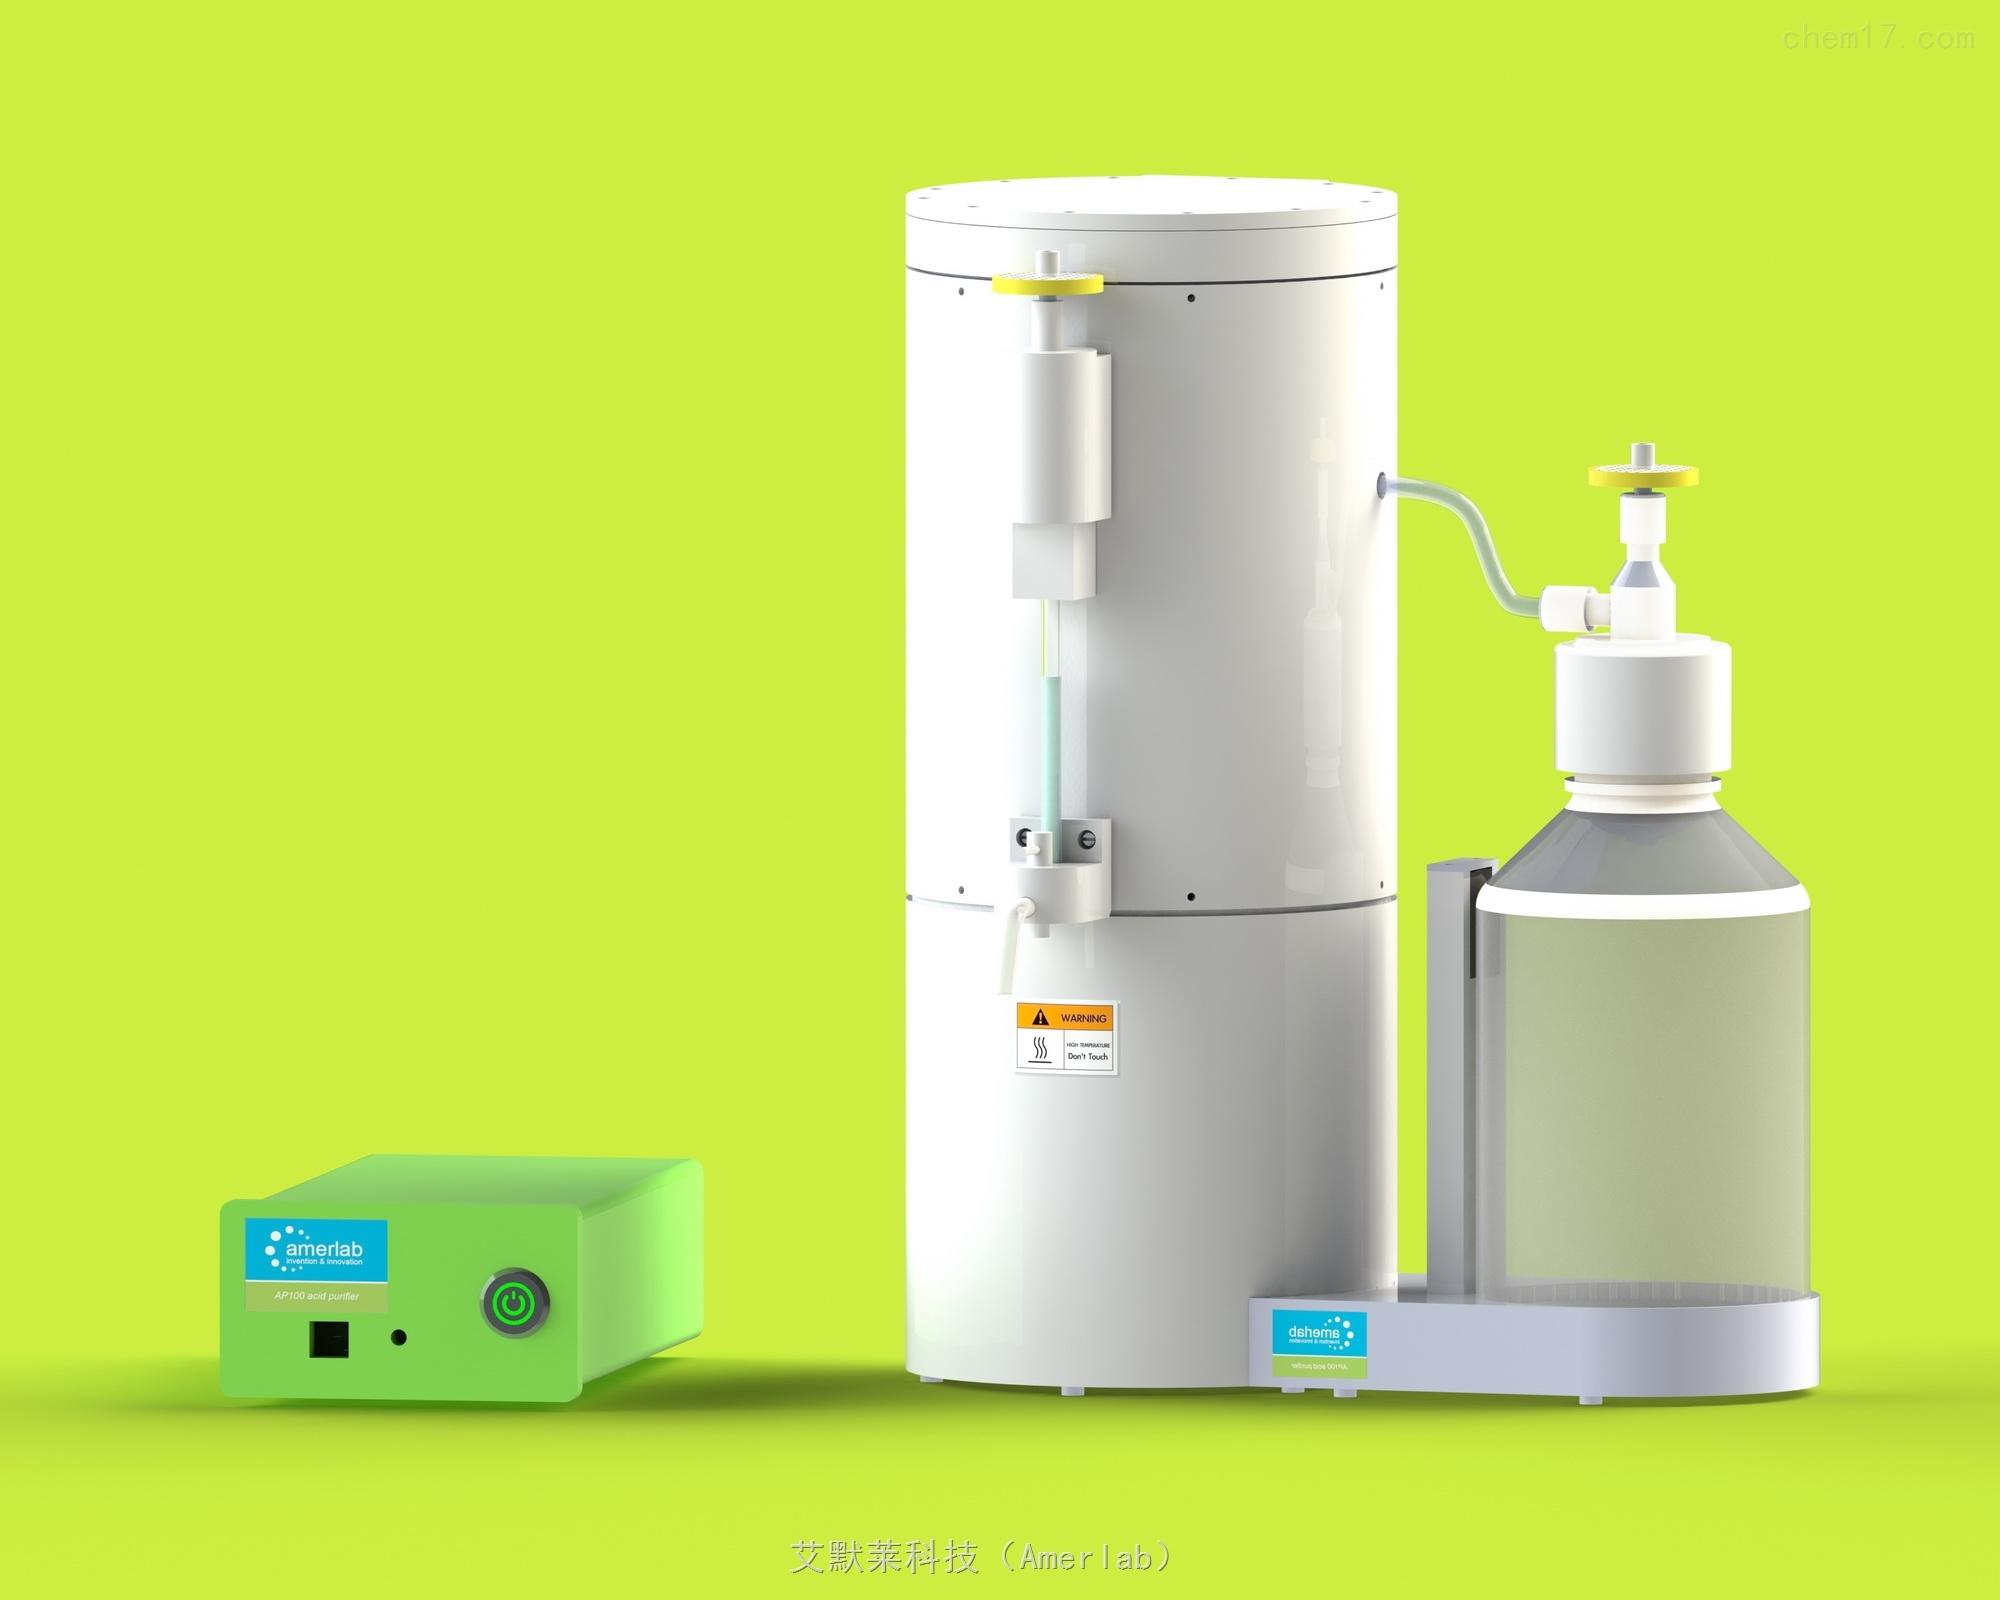 美国Amerlab艾默莱亚沸酸纯化器(水冷)AP100 simple